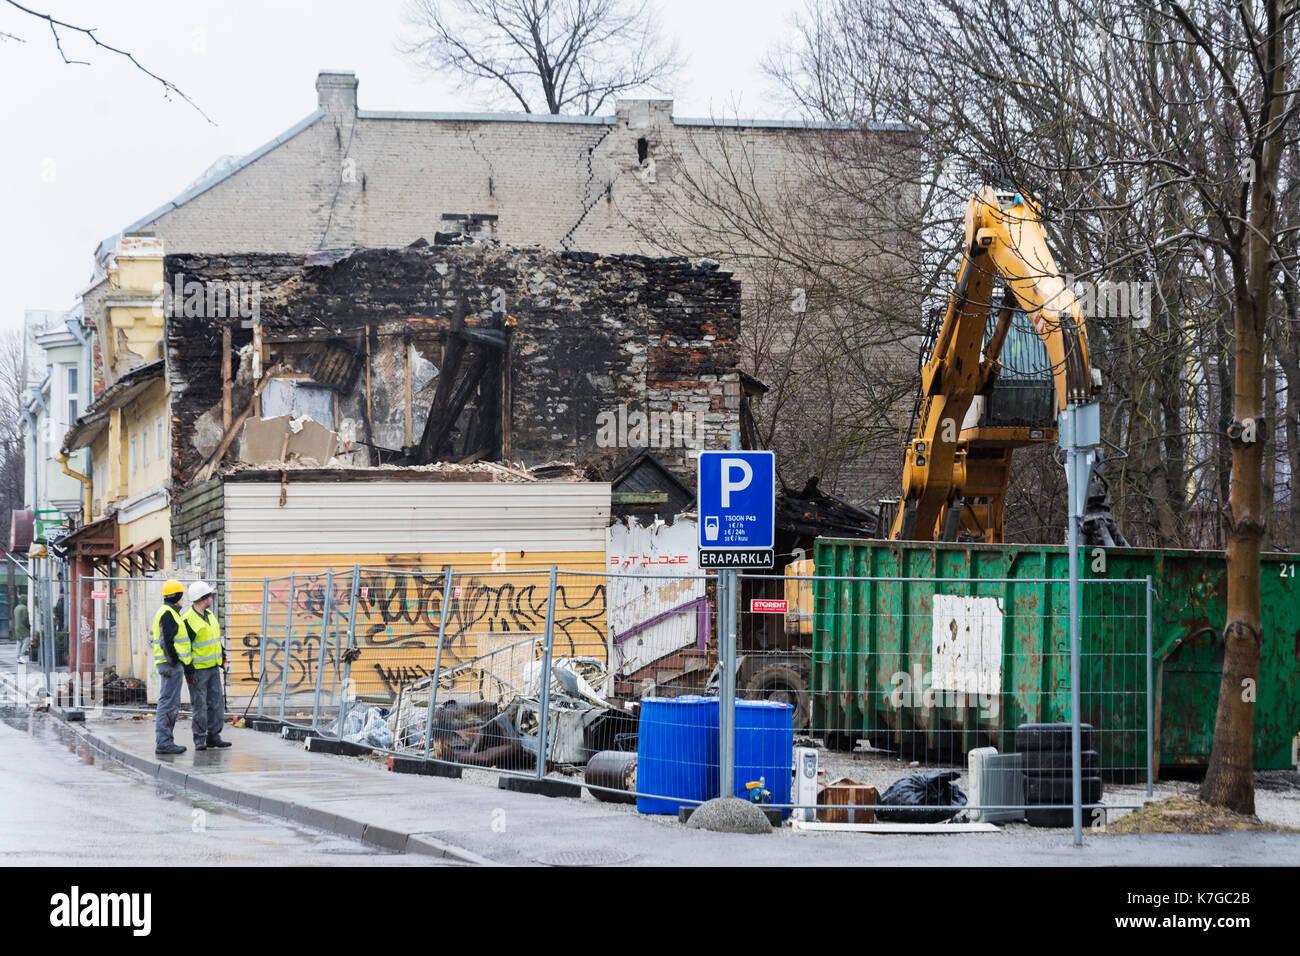 Demolición de una antigua casa de madera quemada en la calle Põhja puiestee cerca de la estación de tren del Báltico (Balti jaam) en Tallin Estonia Foto de stock